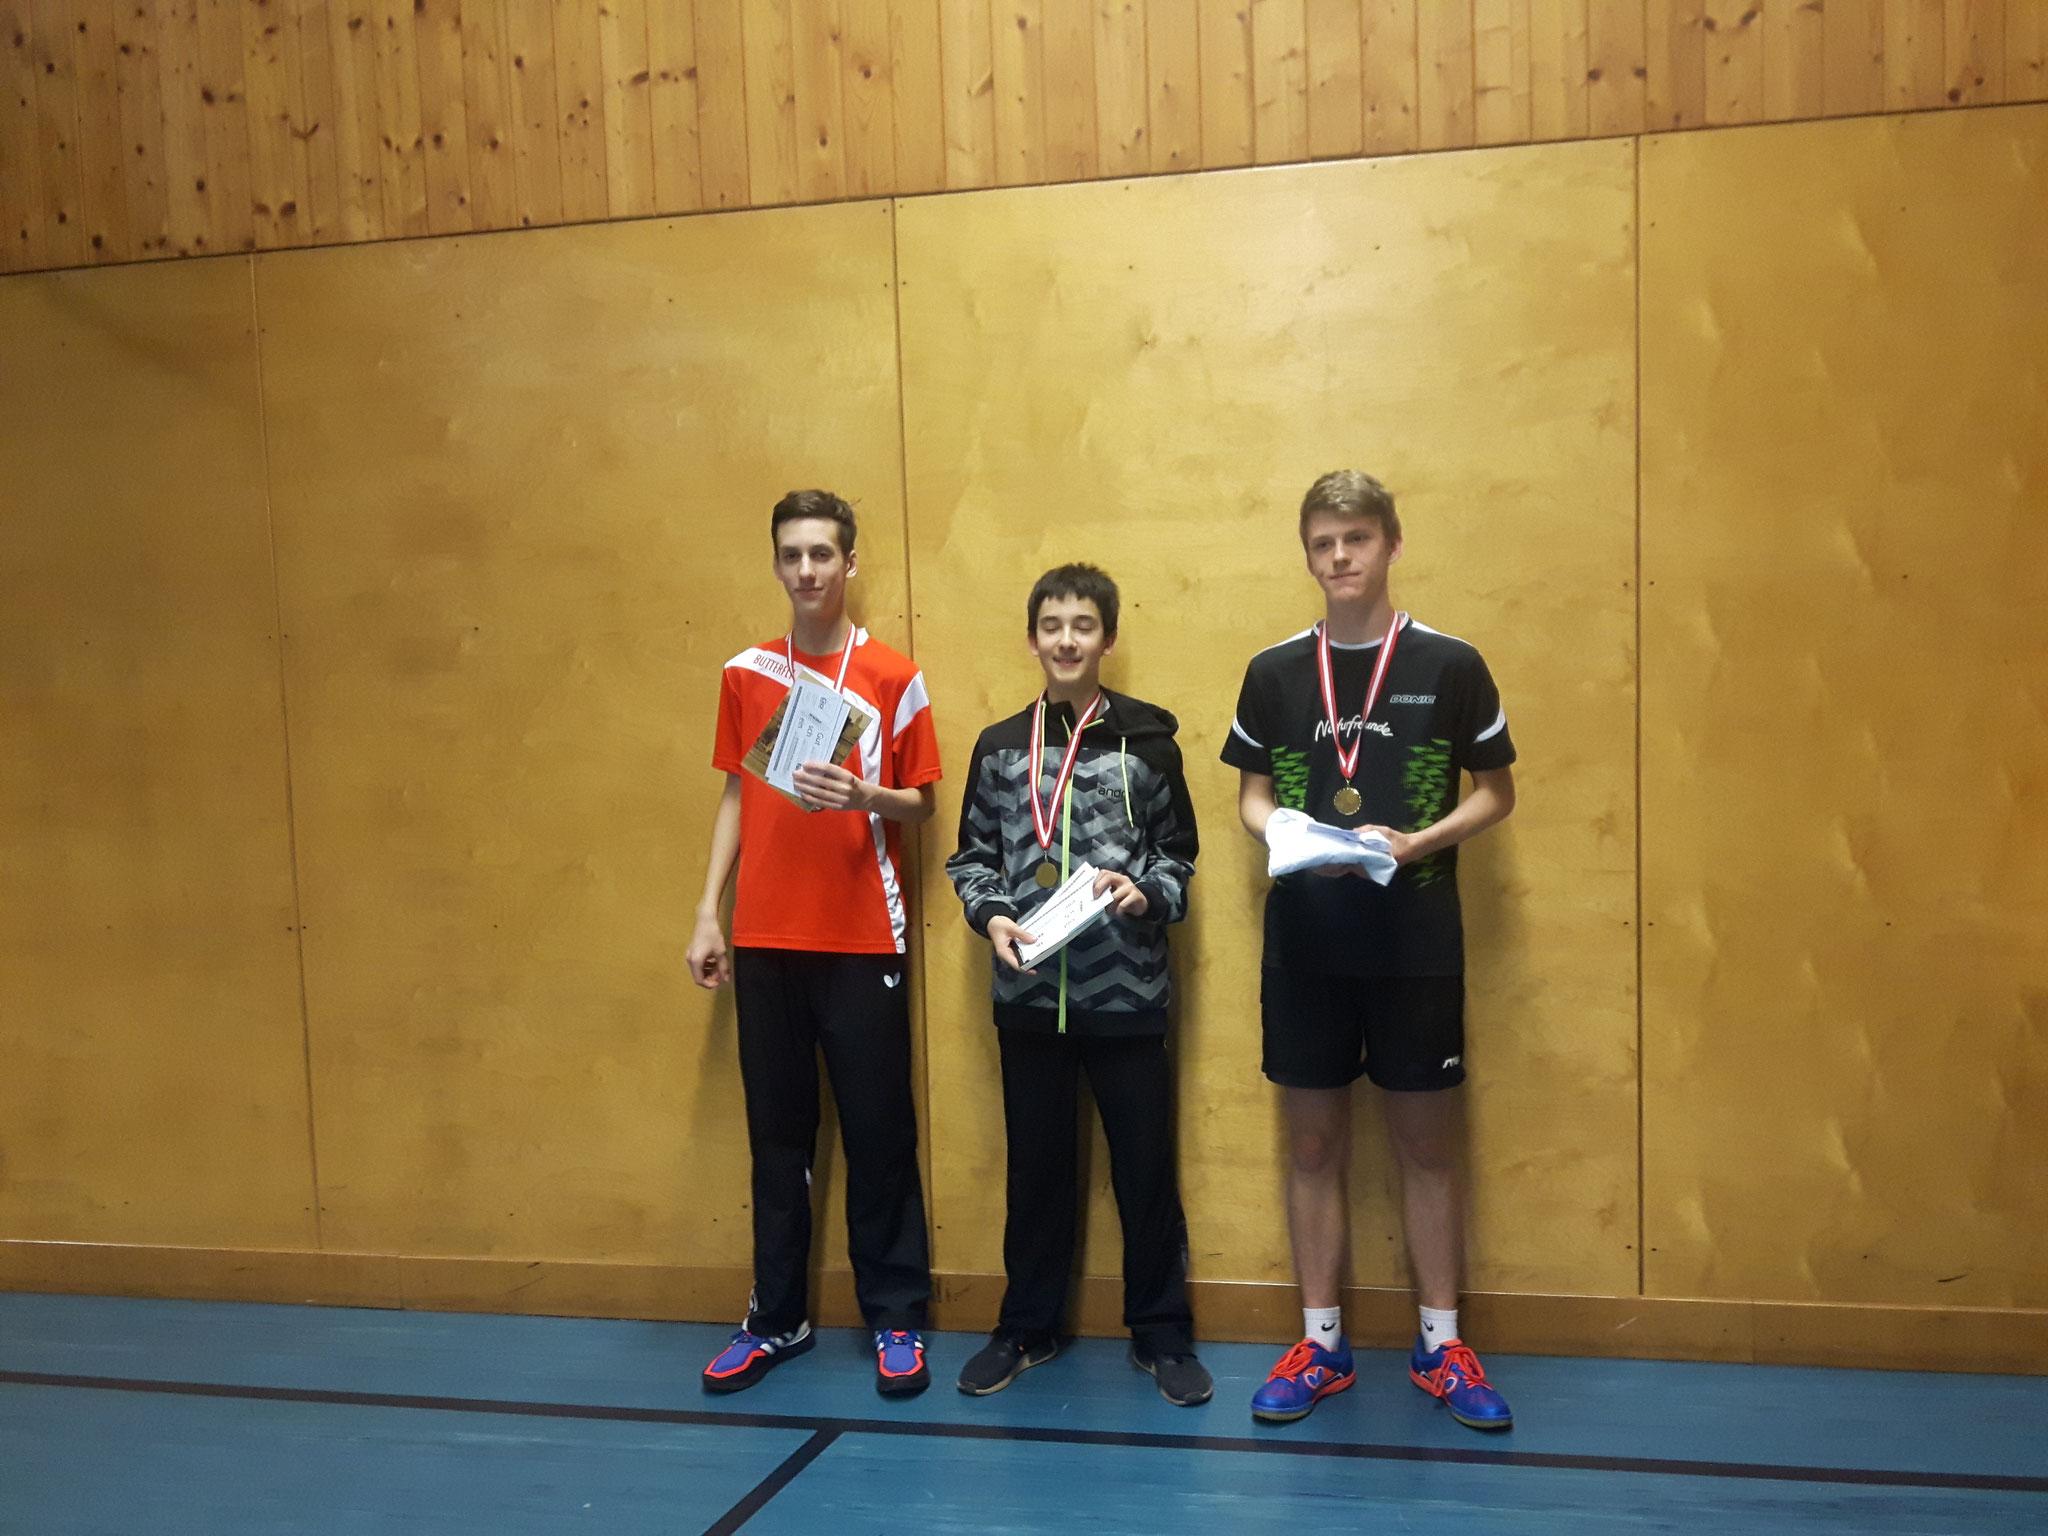 Siegerfoto Bewerb D: v.l.n.r. Fabian Kriha (SSTO) (Platz 2), Niklas Damm (SSTO) (Sieger), Philipp Traxler (NFS) (Platz 3)